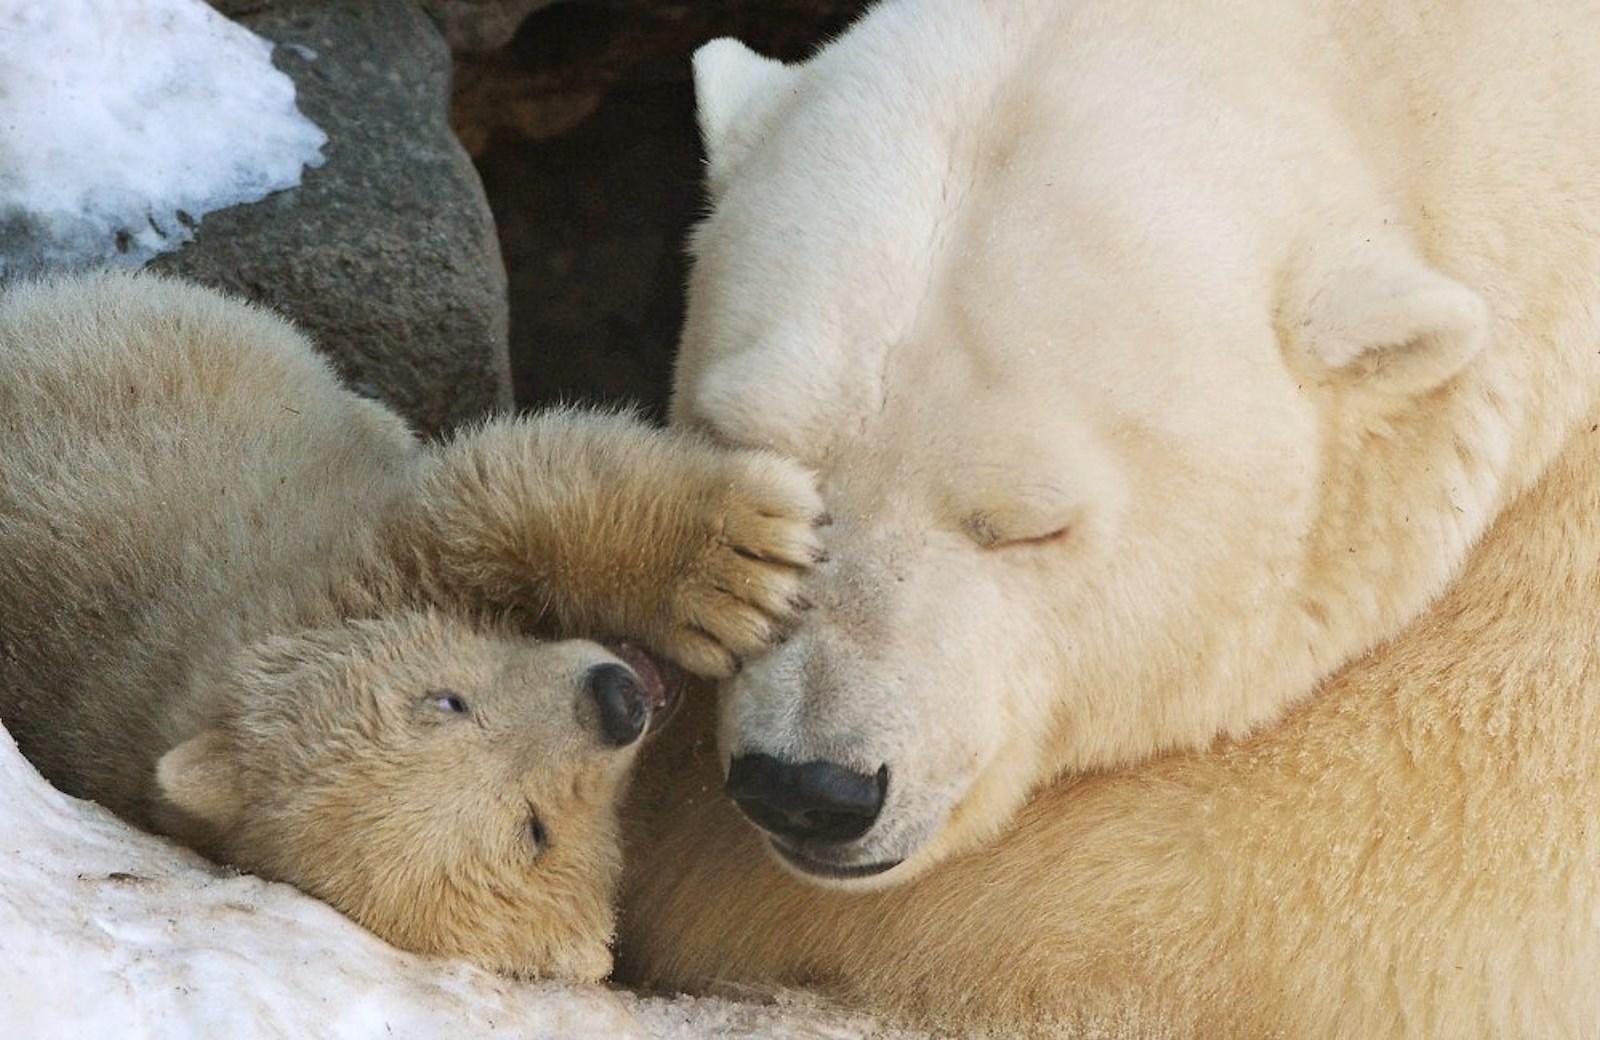 00 Polar bear cubs. Moscow Zoopark 04. Russia. 26.02.15